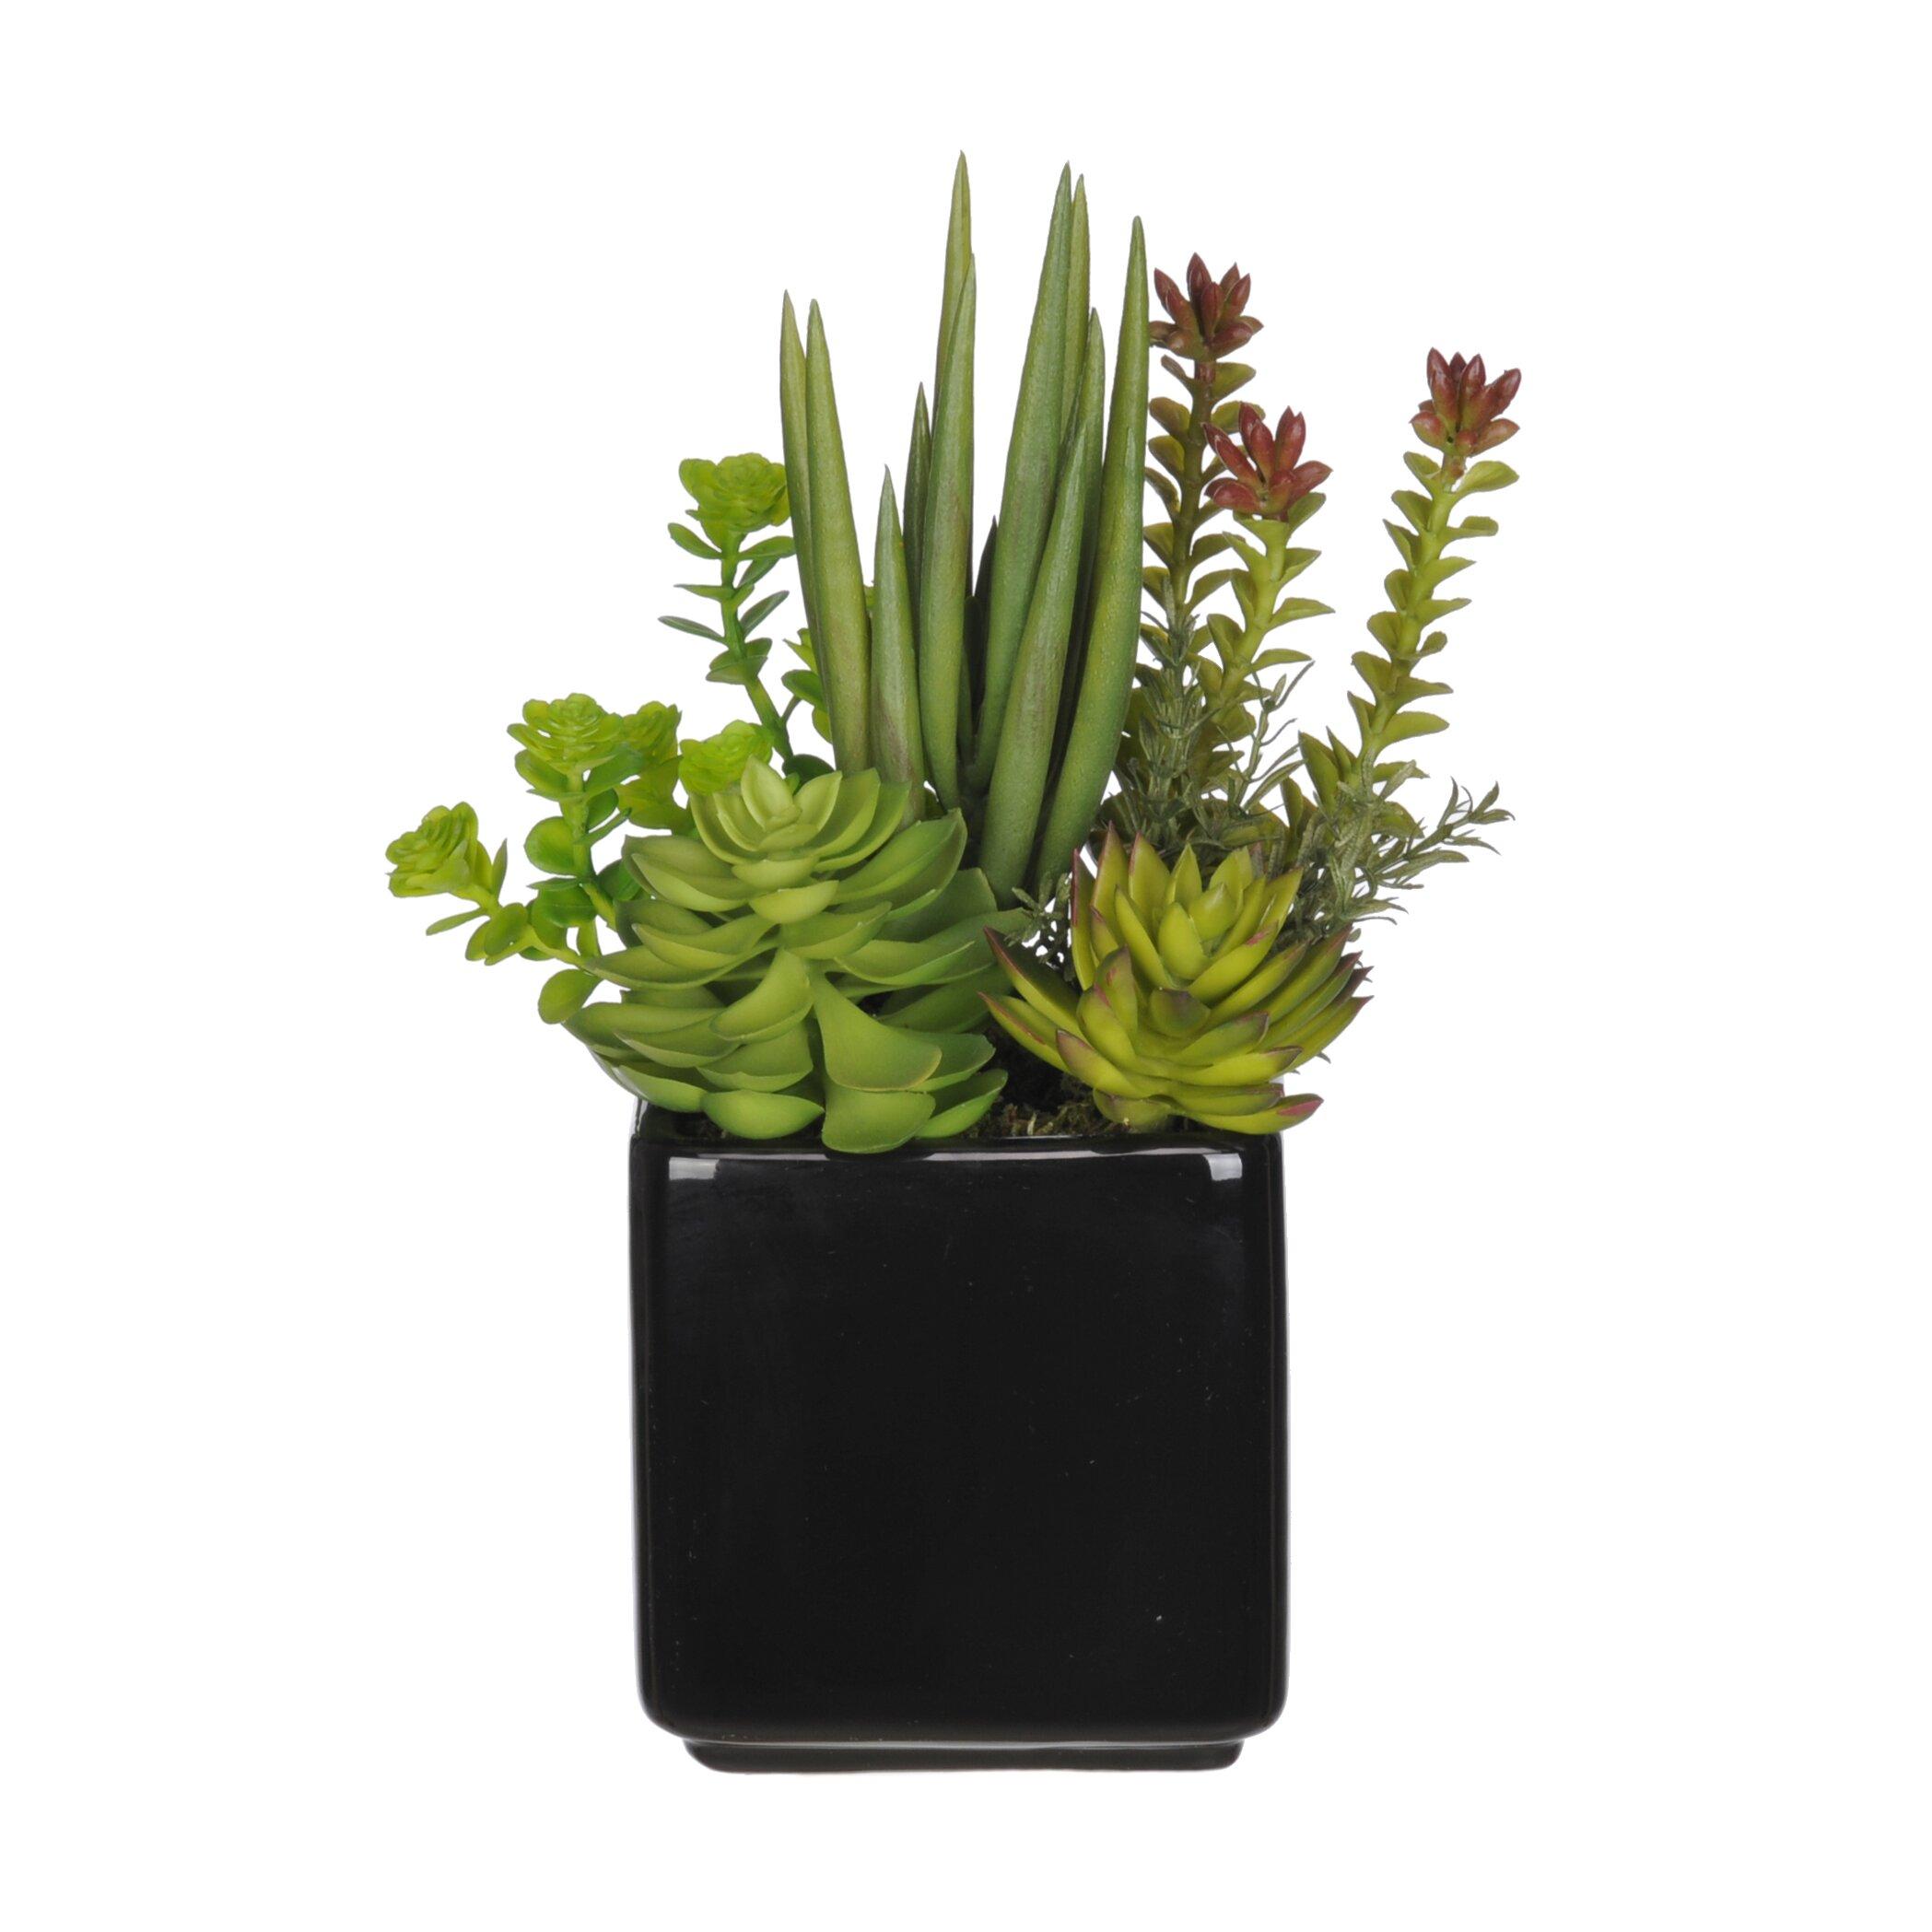 House of silk flowers succulent desk top plant in pot reviews wayfair - Flowering succulent house plants ...